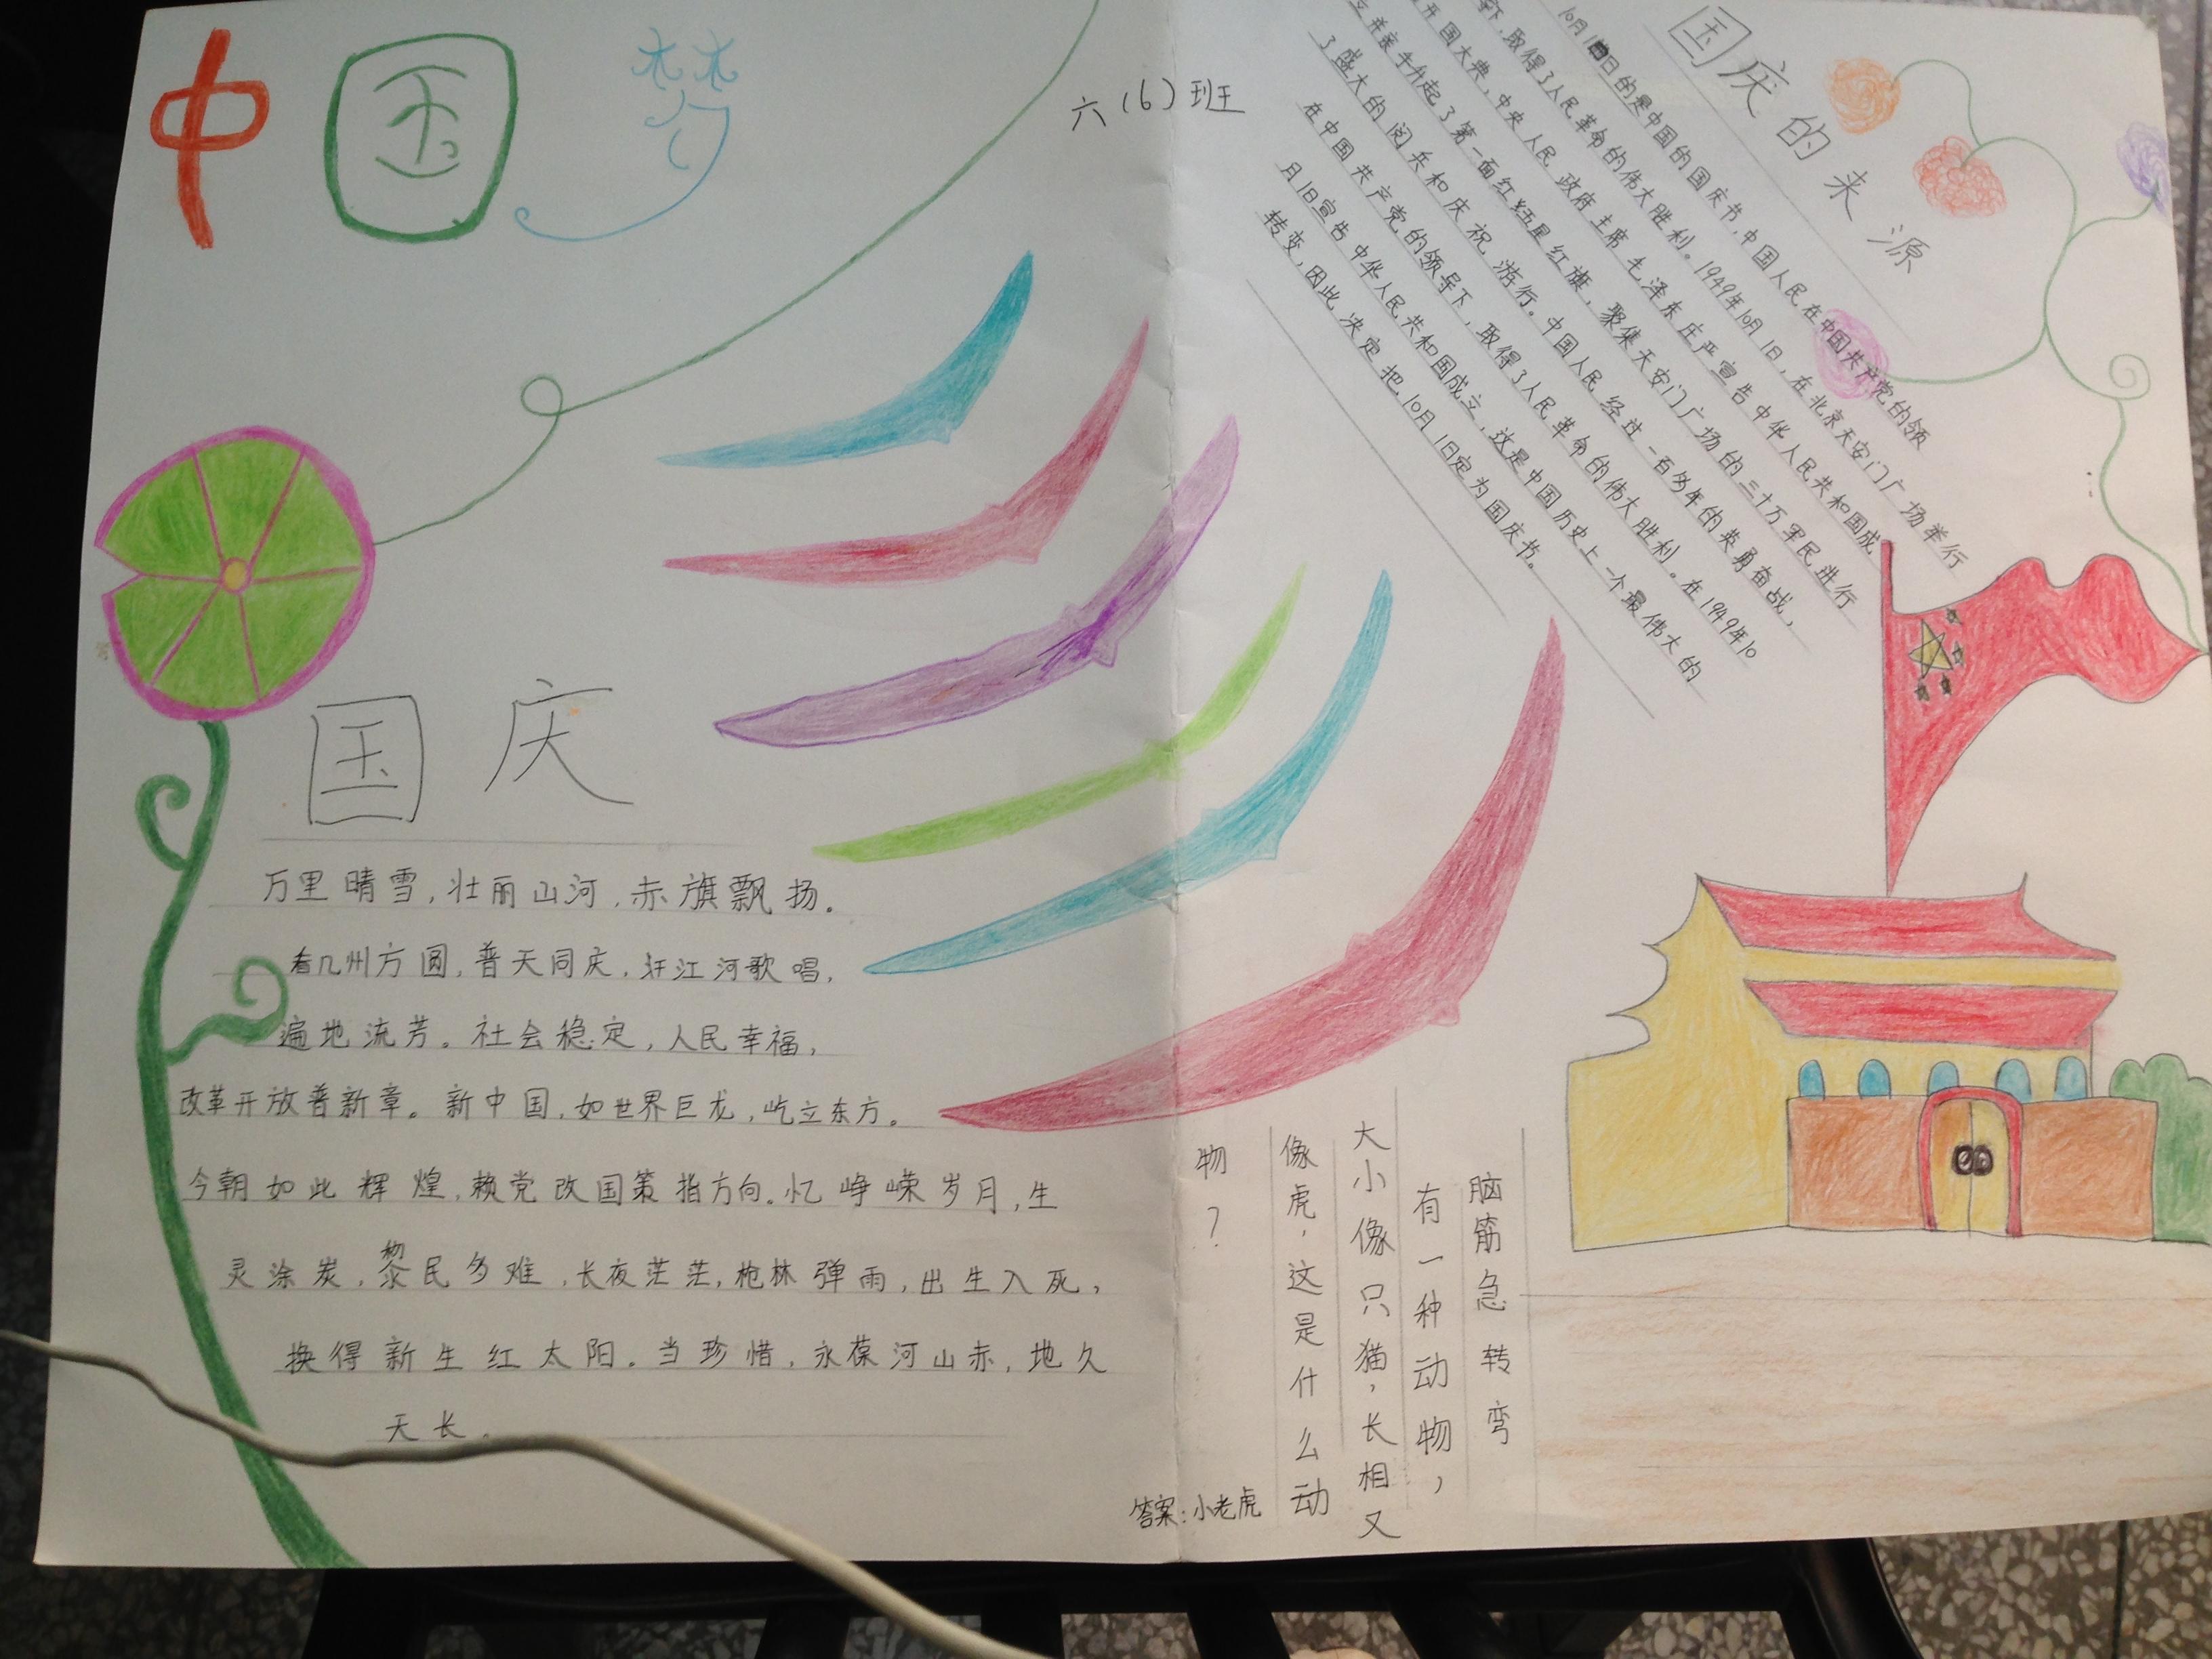 国庆手抄报几何图形_国庆手抄报几何图形分享展示